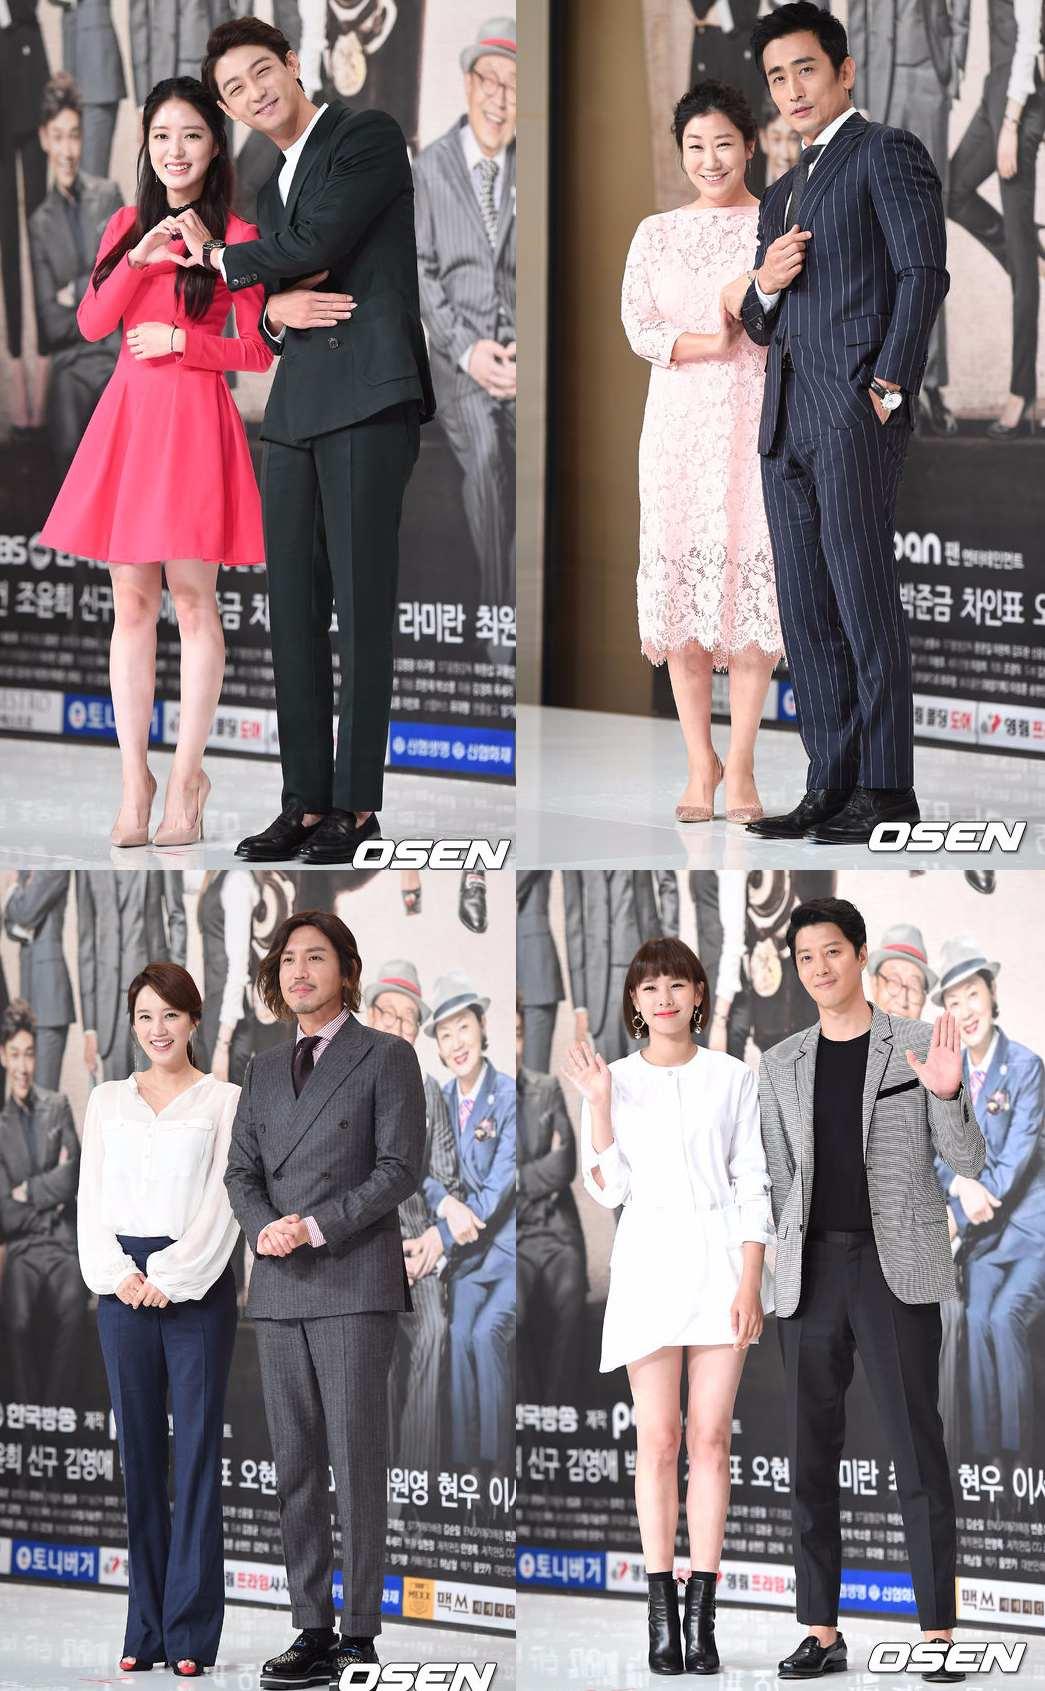 由KBS上週開始,播出的周末劇《月桂樹西裝店的紳士們》,首播就創下了22.4%的高收視率。第二集全國收視率更是高達28.1%,只開播兩集收視率就直逼30%,并遙遙領先同日开播的兩部劇,拿下周末剧一位。